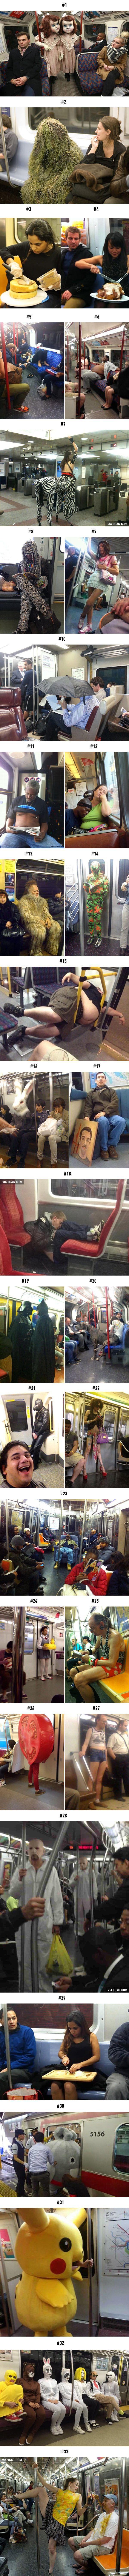 Les gens les plus bizarres qu'on puisse croiser dans les transports en commun